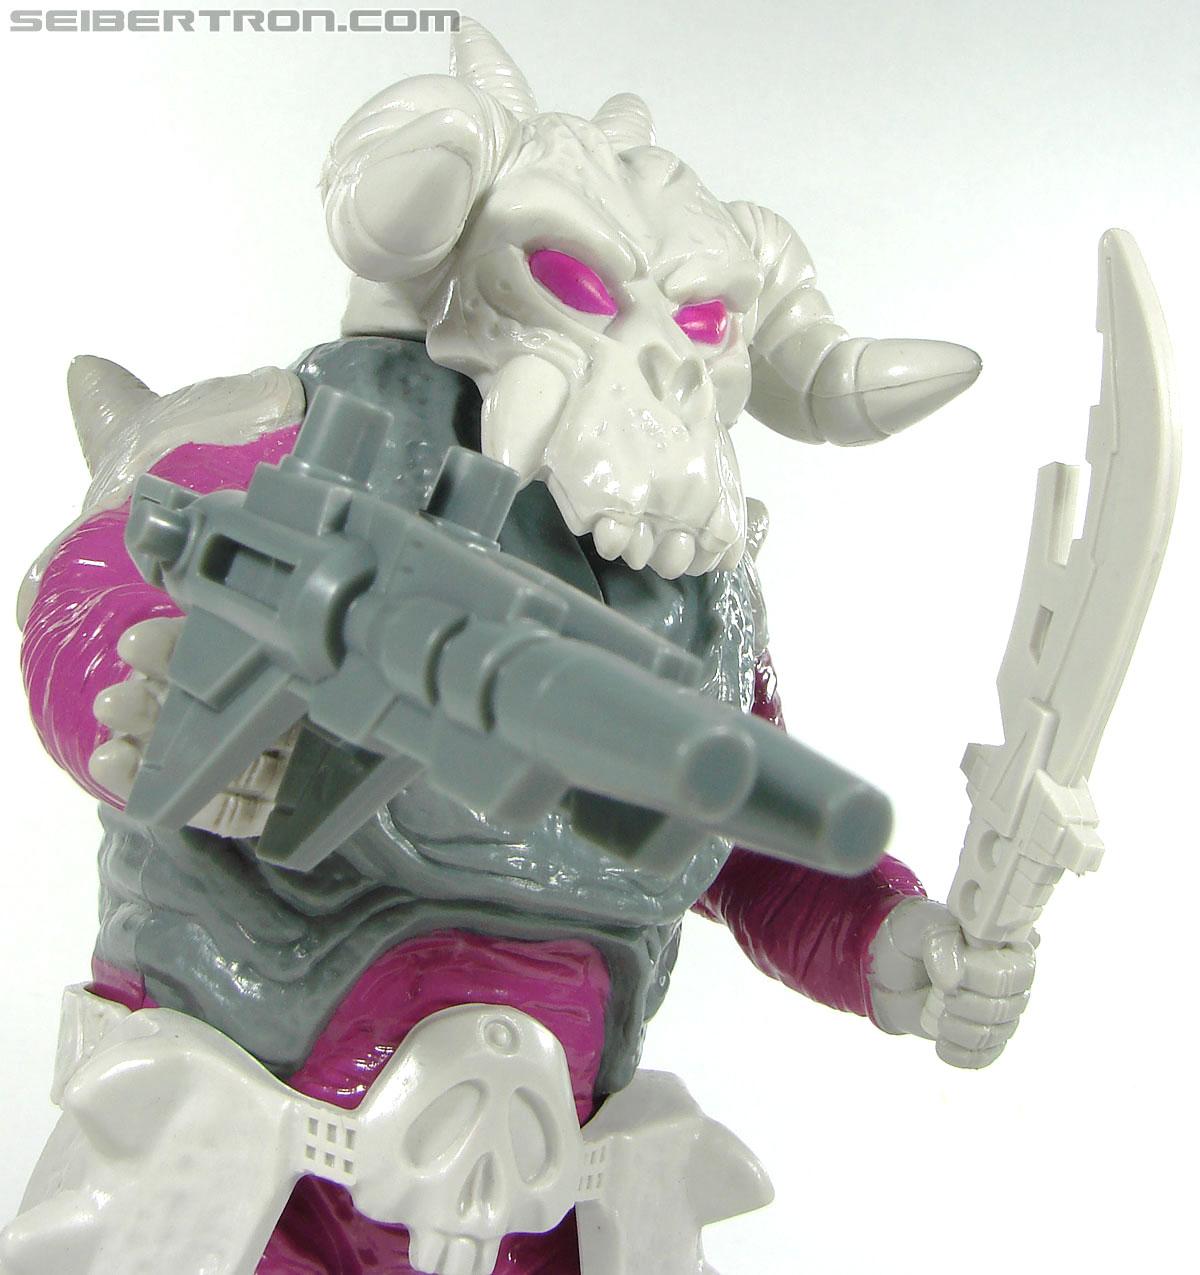 Transformers Super God Masterforce Skullgrin (Dauros) (Image #74 of 196)